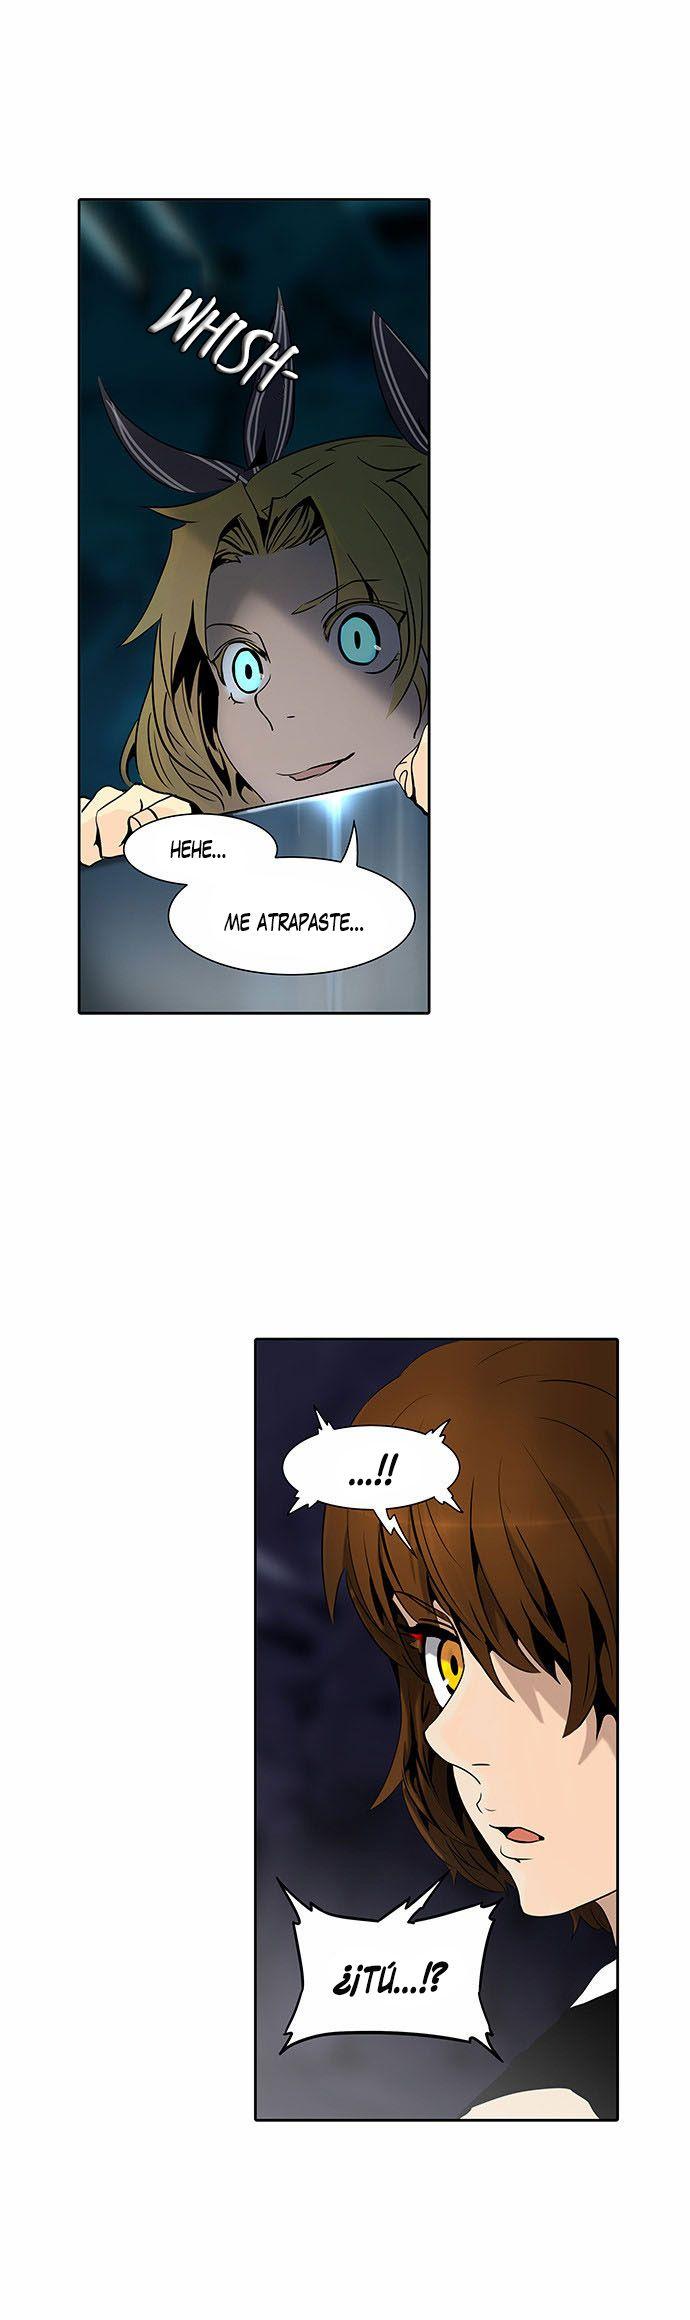 http://c5.ninemanga.com/es_manga/pic2/21/149/494254/bbd36655e64de9758eb68ccc741176f4.jpg Page 45